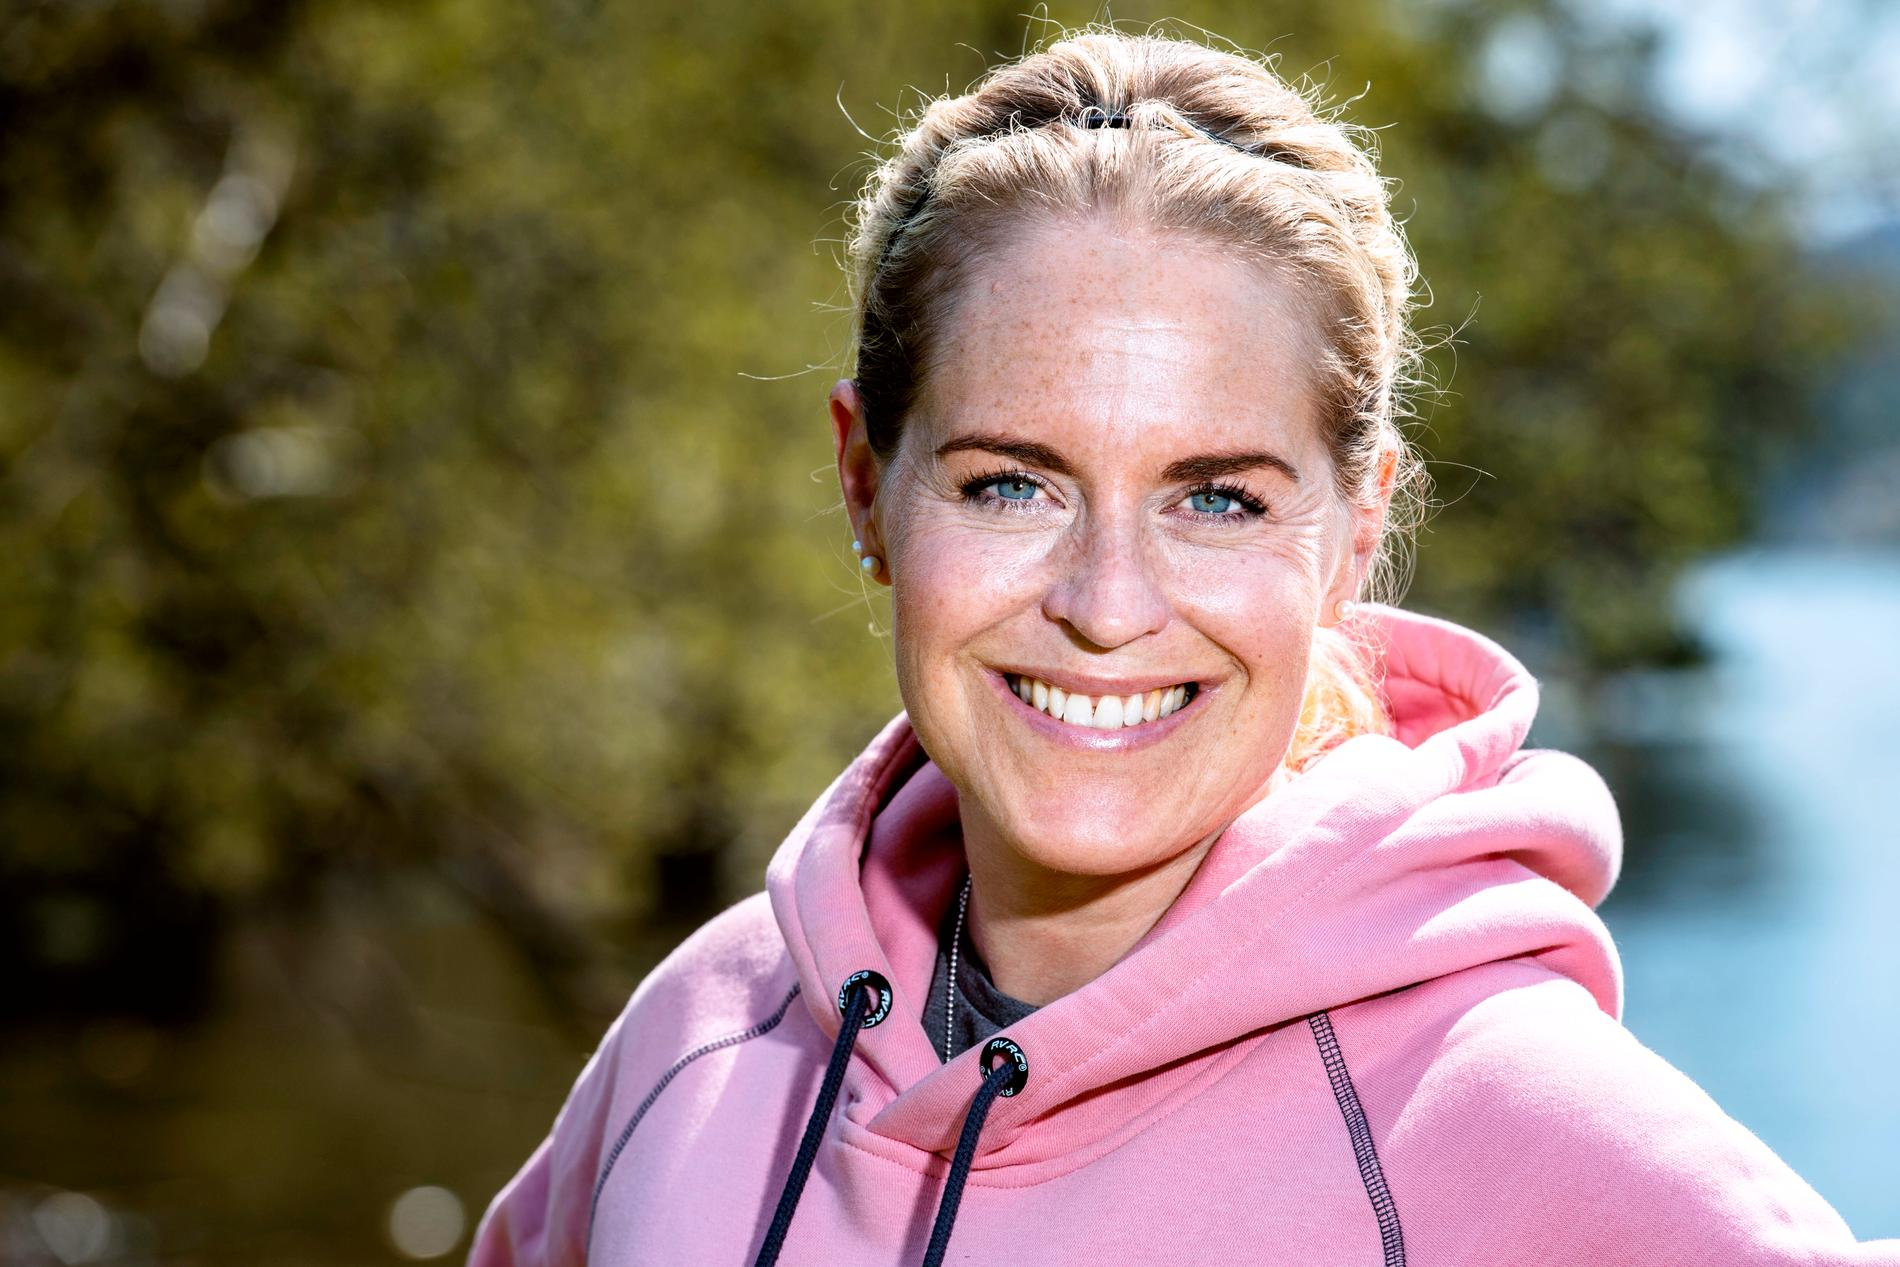 Simma i öppet vatten är starkare än mindfulness, menar den personliga tränaren Erika Rosenbaum.